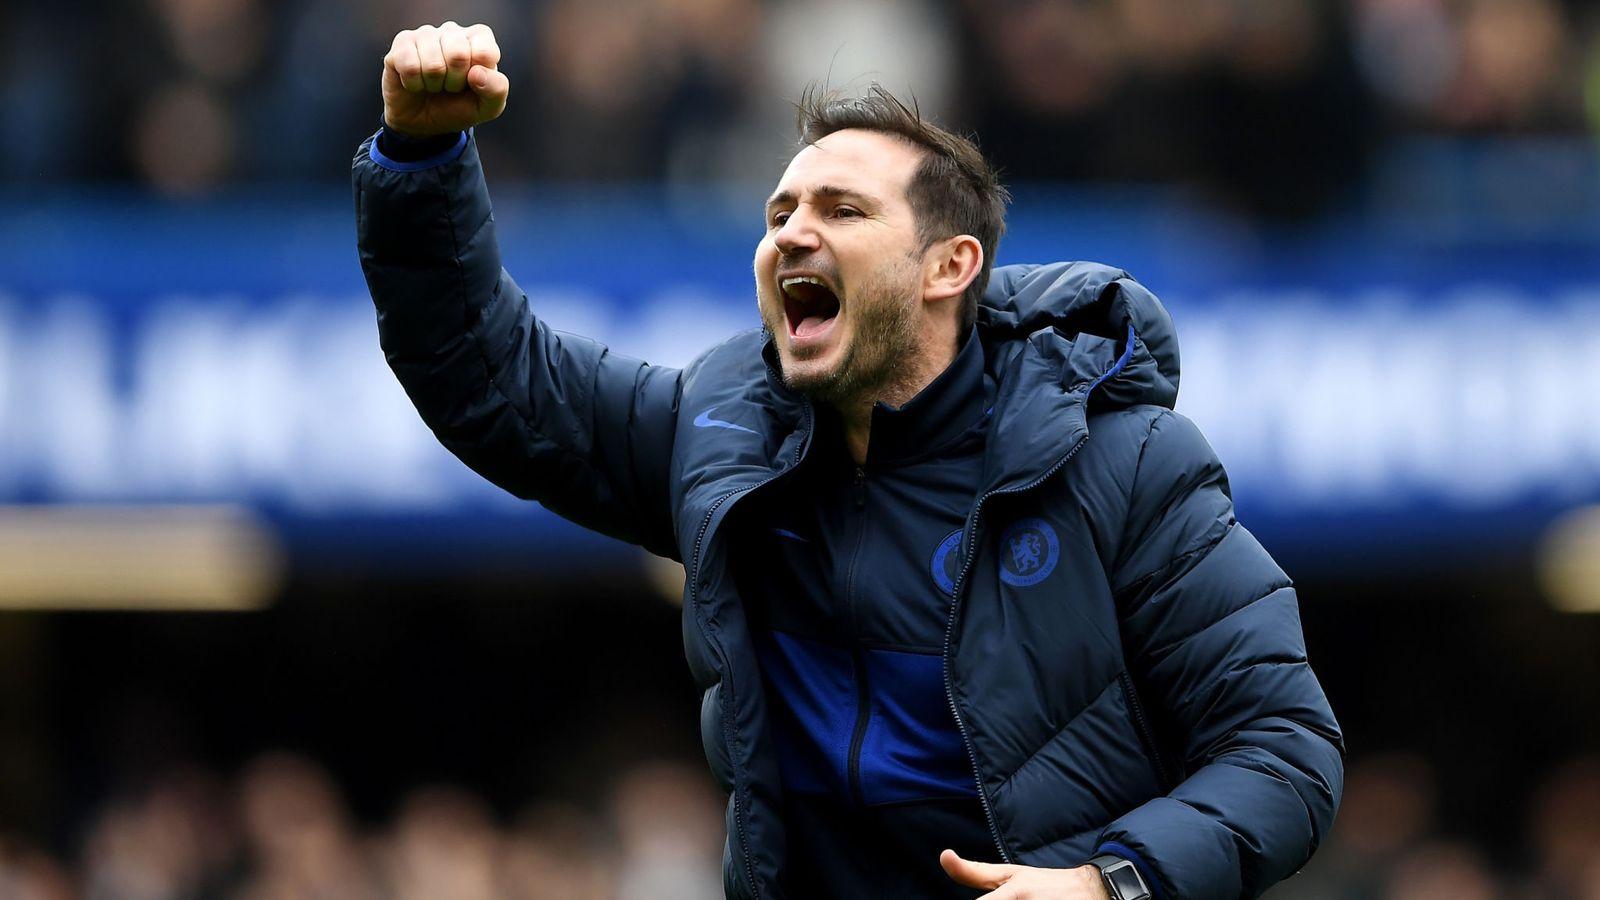 Lampard chia sẻ điều thất vọng sau trận đấu vừa qua - Bóng Đá